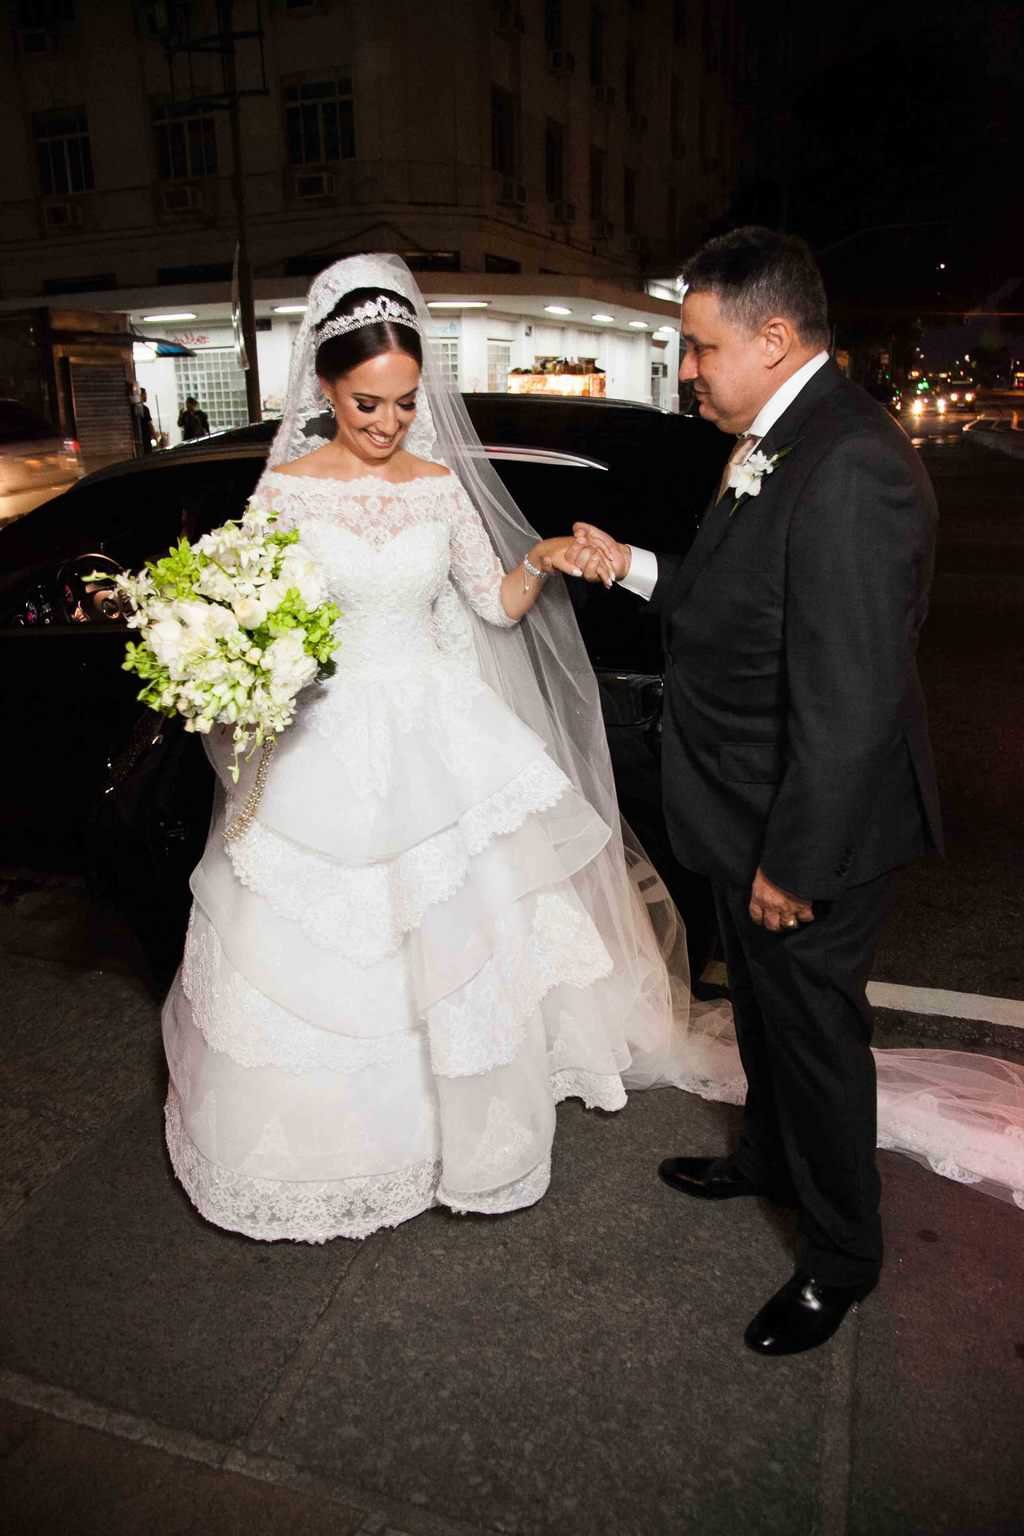 Casamento-Clássico-Casamento-tradicional-Cerimônia-Copacabana-Palace-Monica-Roias-Ribas-Foto-e-Vídeo-Tuanny-e-Bernardo-CaseMe